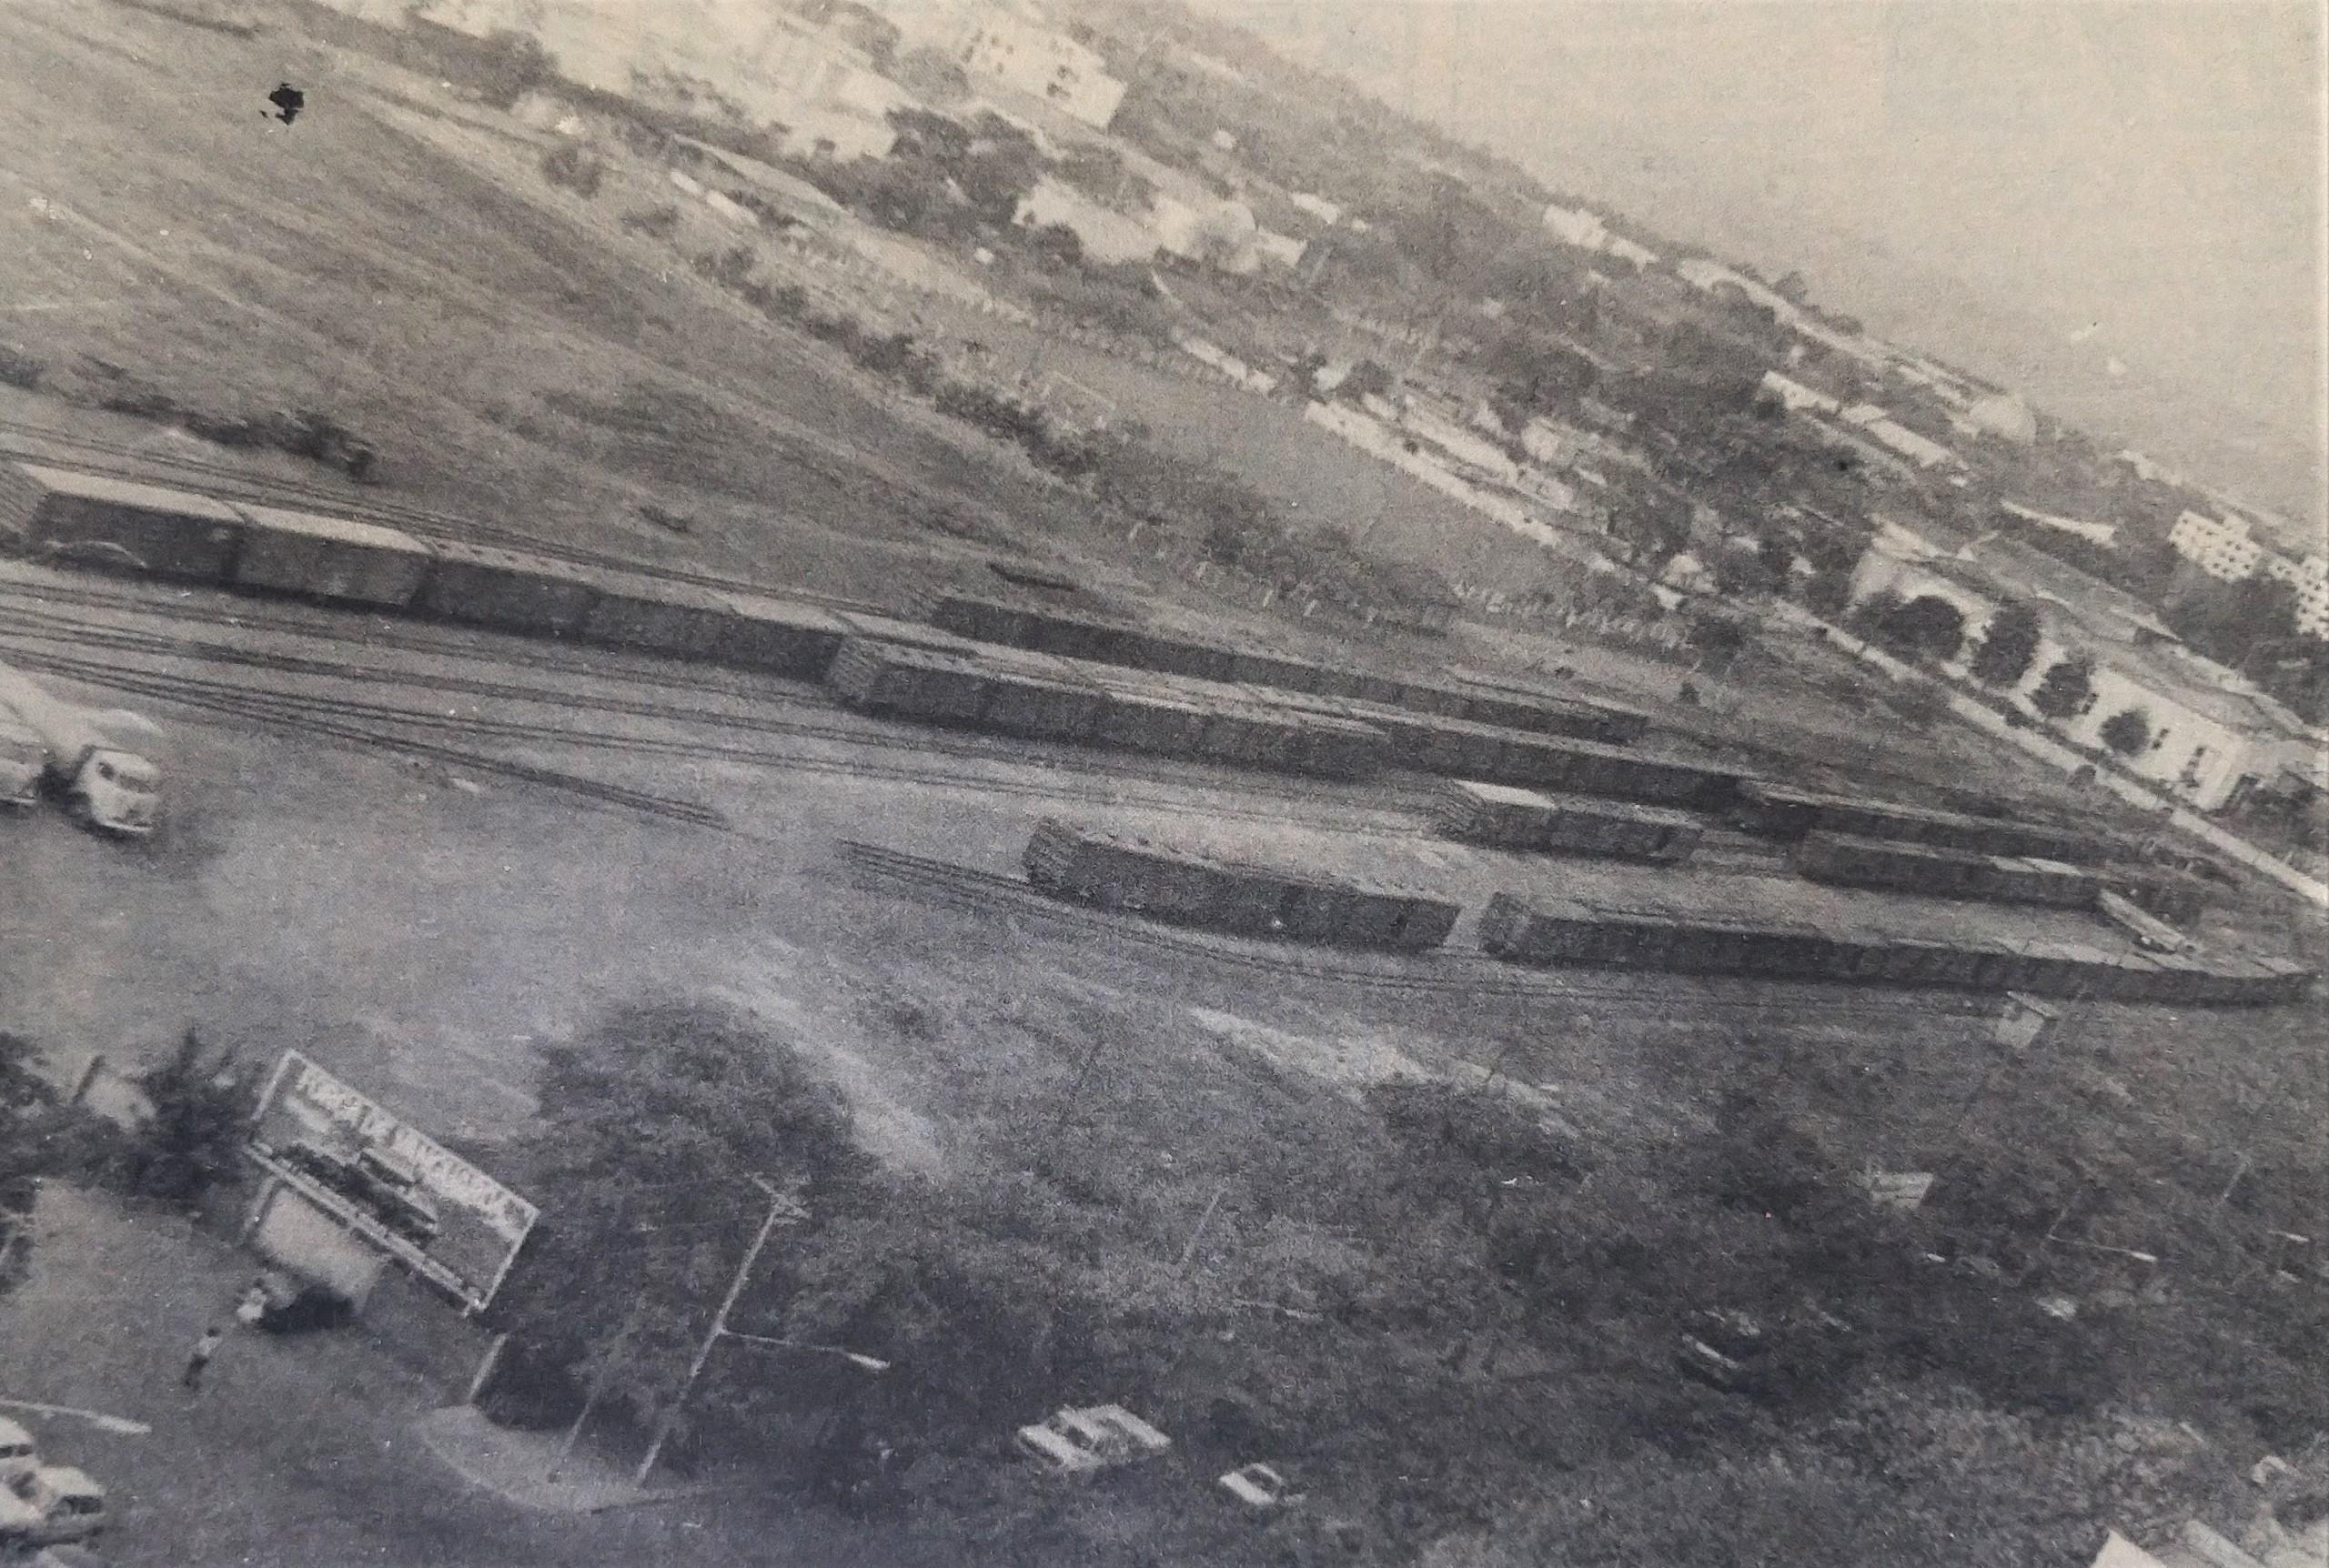 Pátio de manobras ferroviárias - 1985